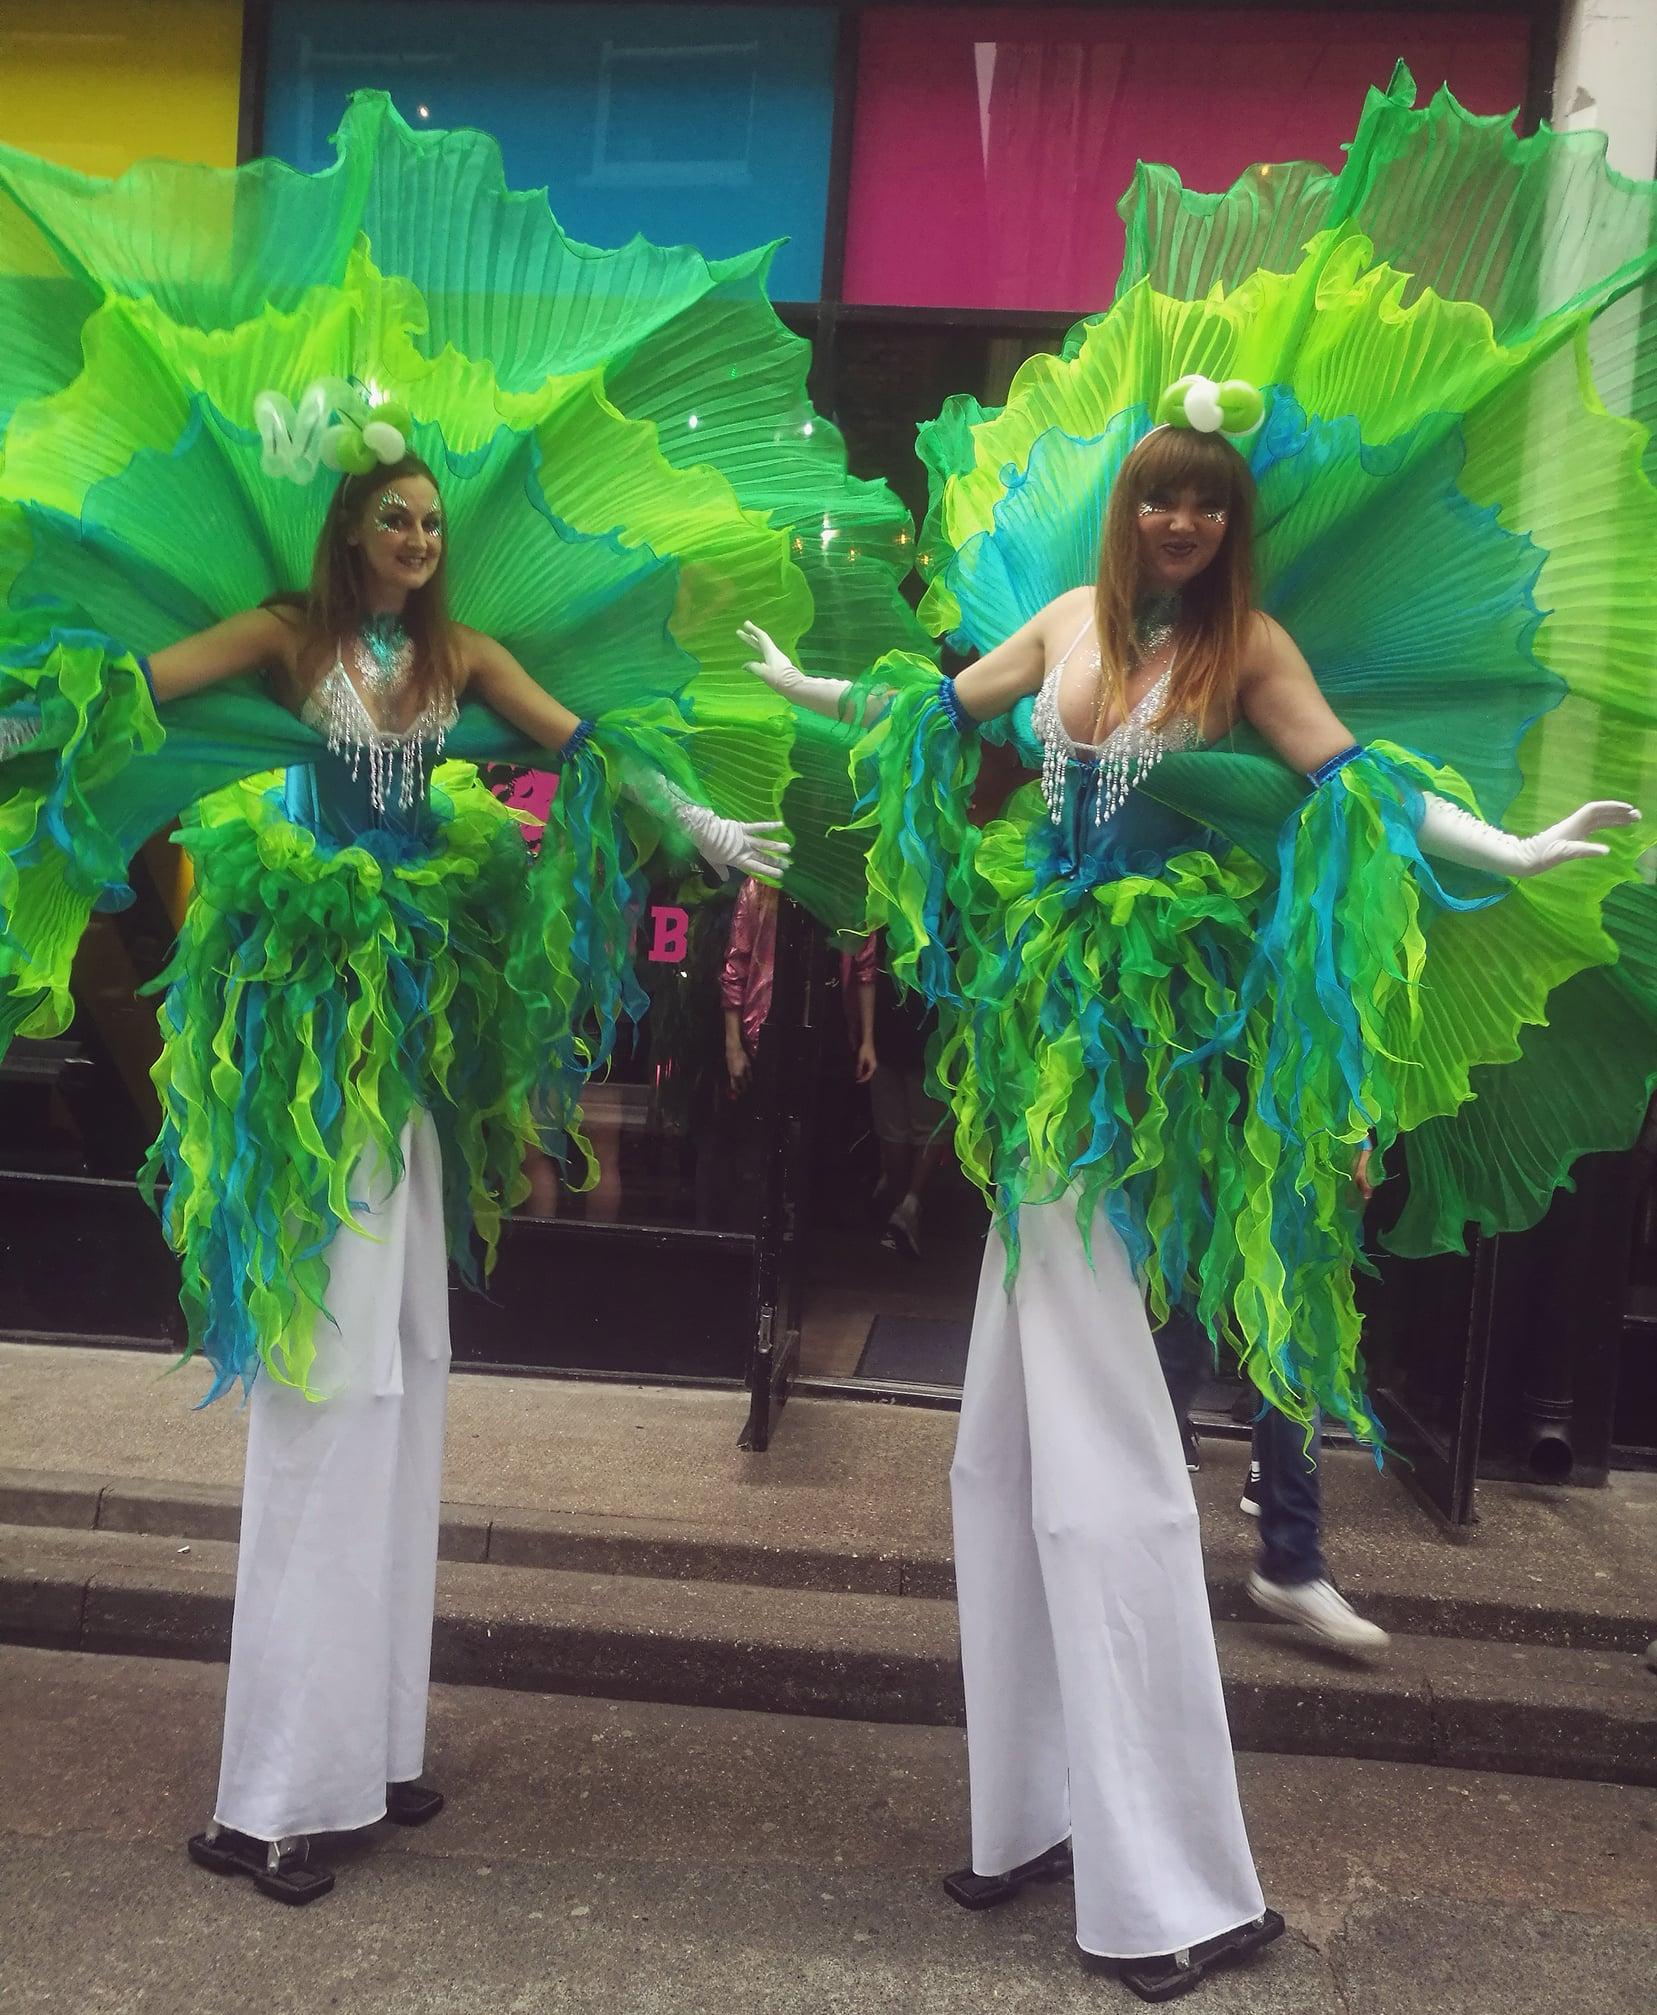 Carnival stilt walkers 2.jpg